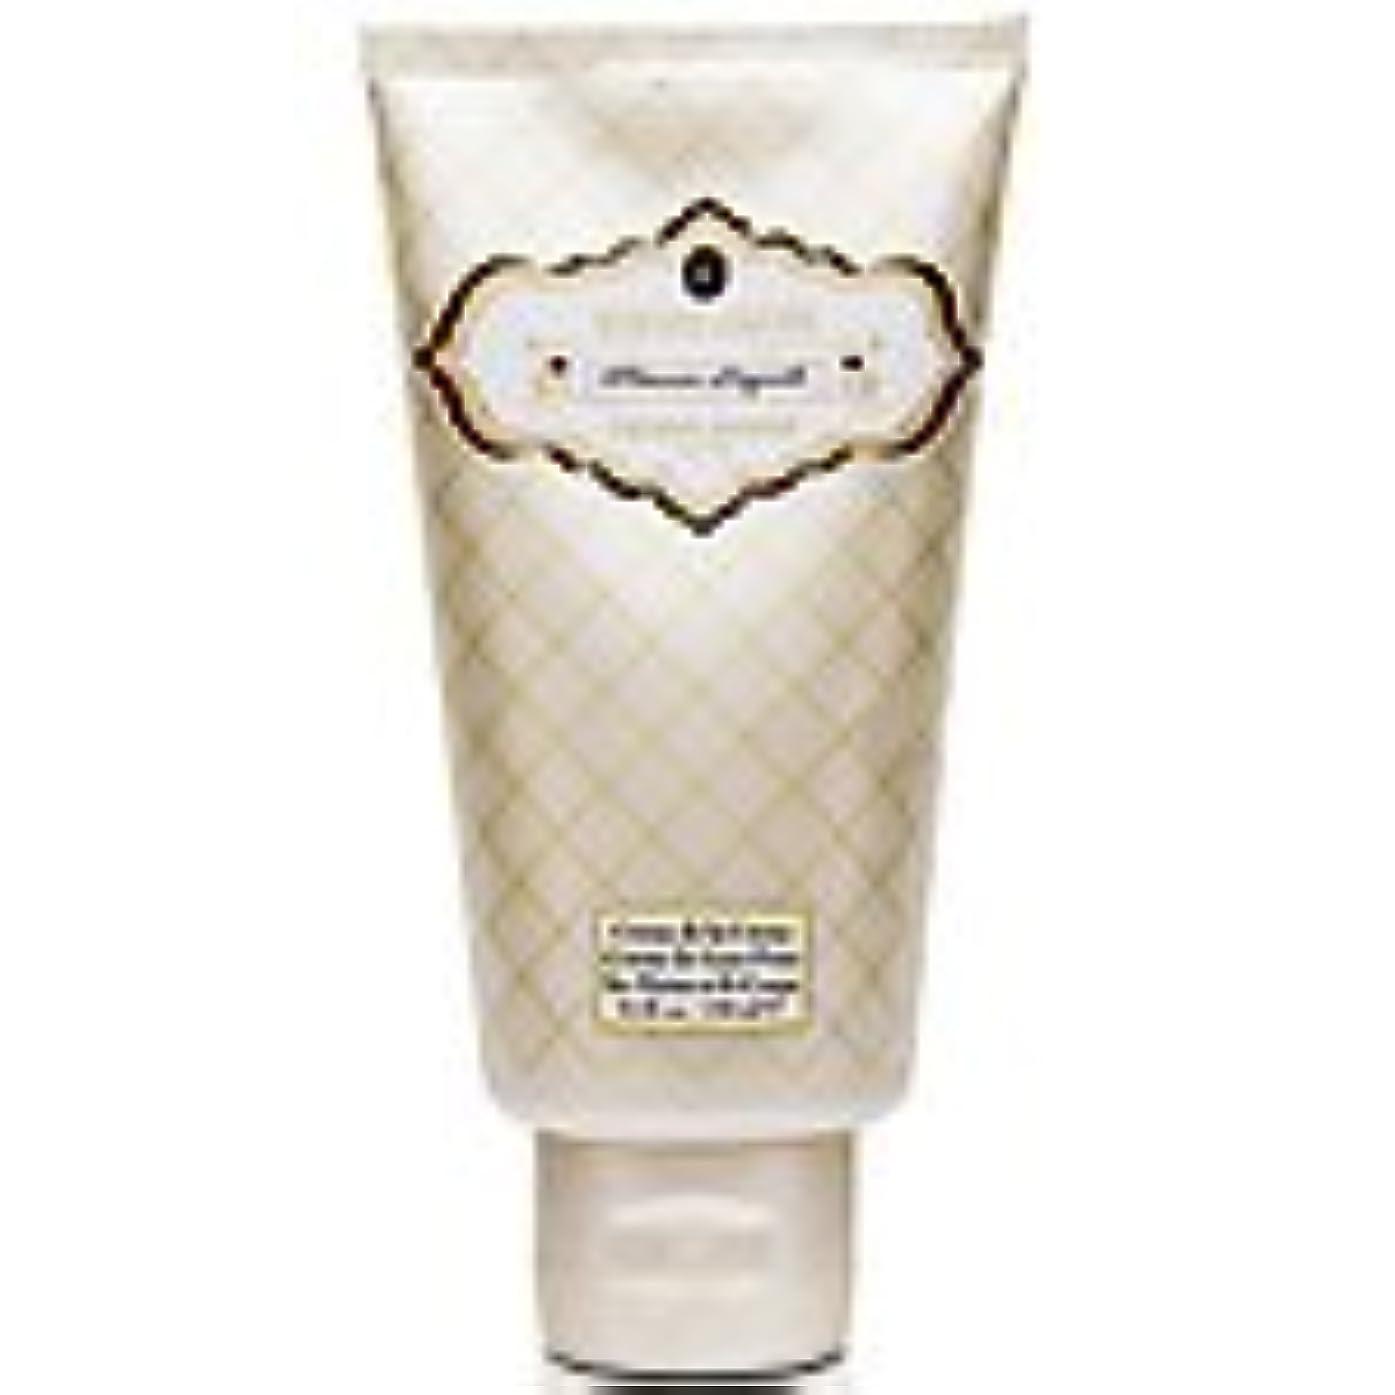 予算仕立て屋賞賛Memoire Liquide Reserve - Vacances Liquide (メモワールリキッドリザーブ - バカンスリキッド) 5.1 oz oz (153ml) Body Cream for Unisex